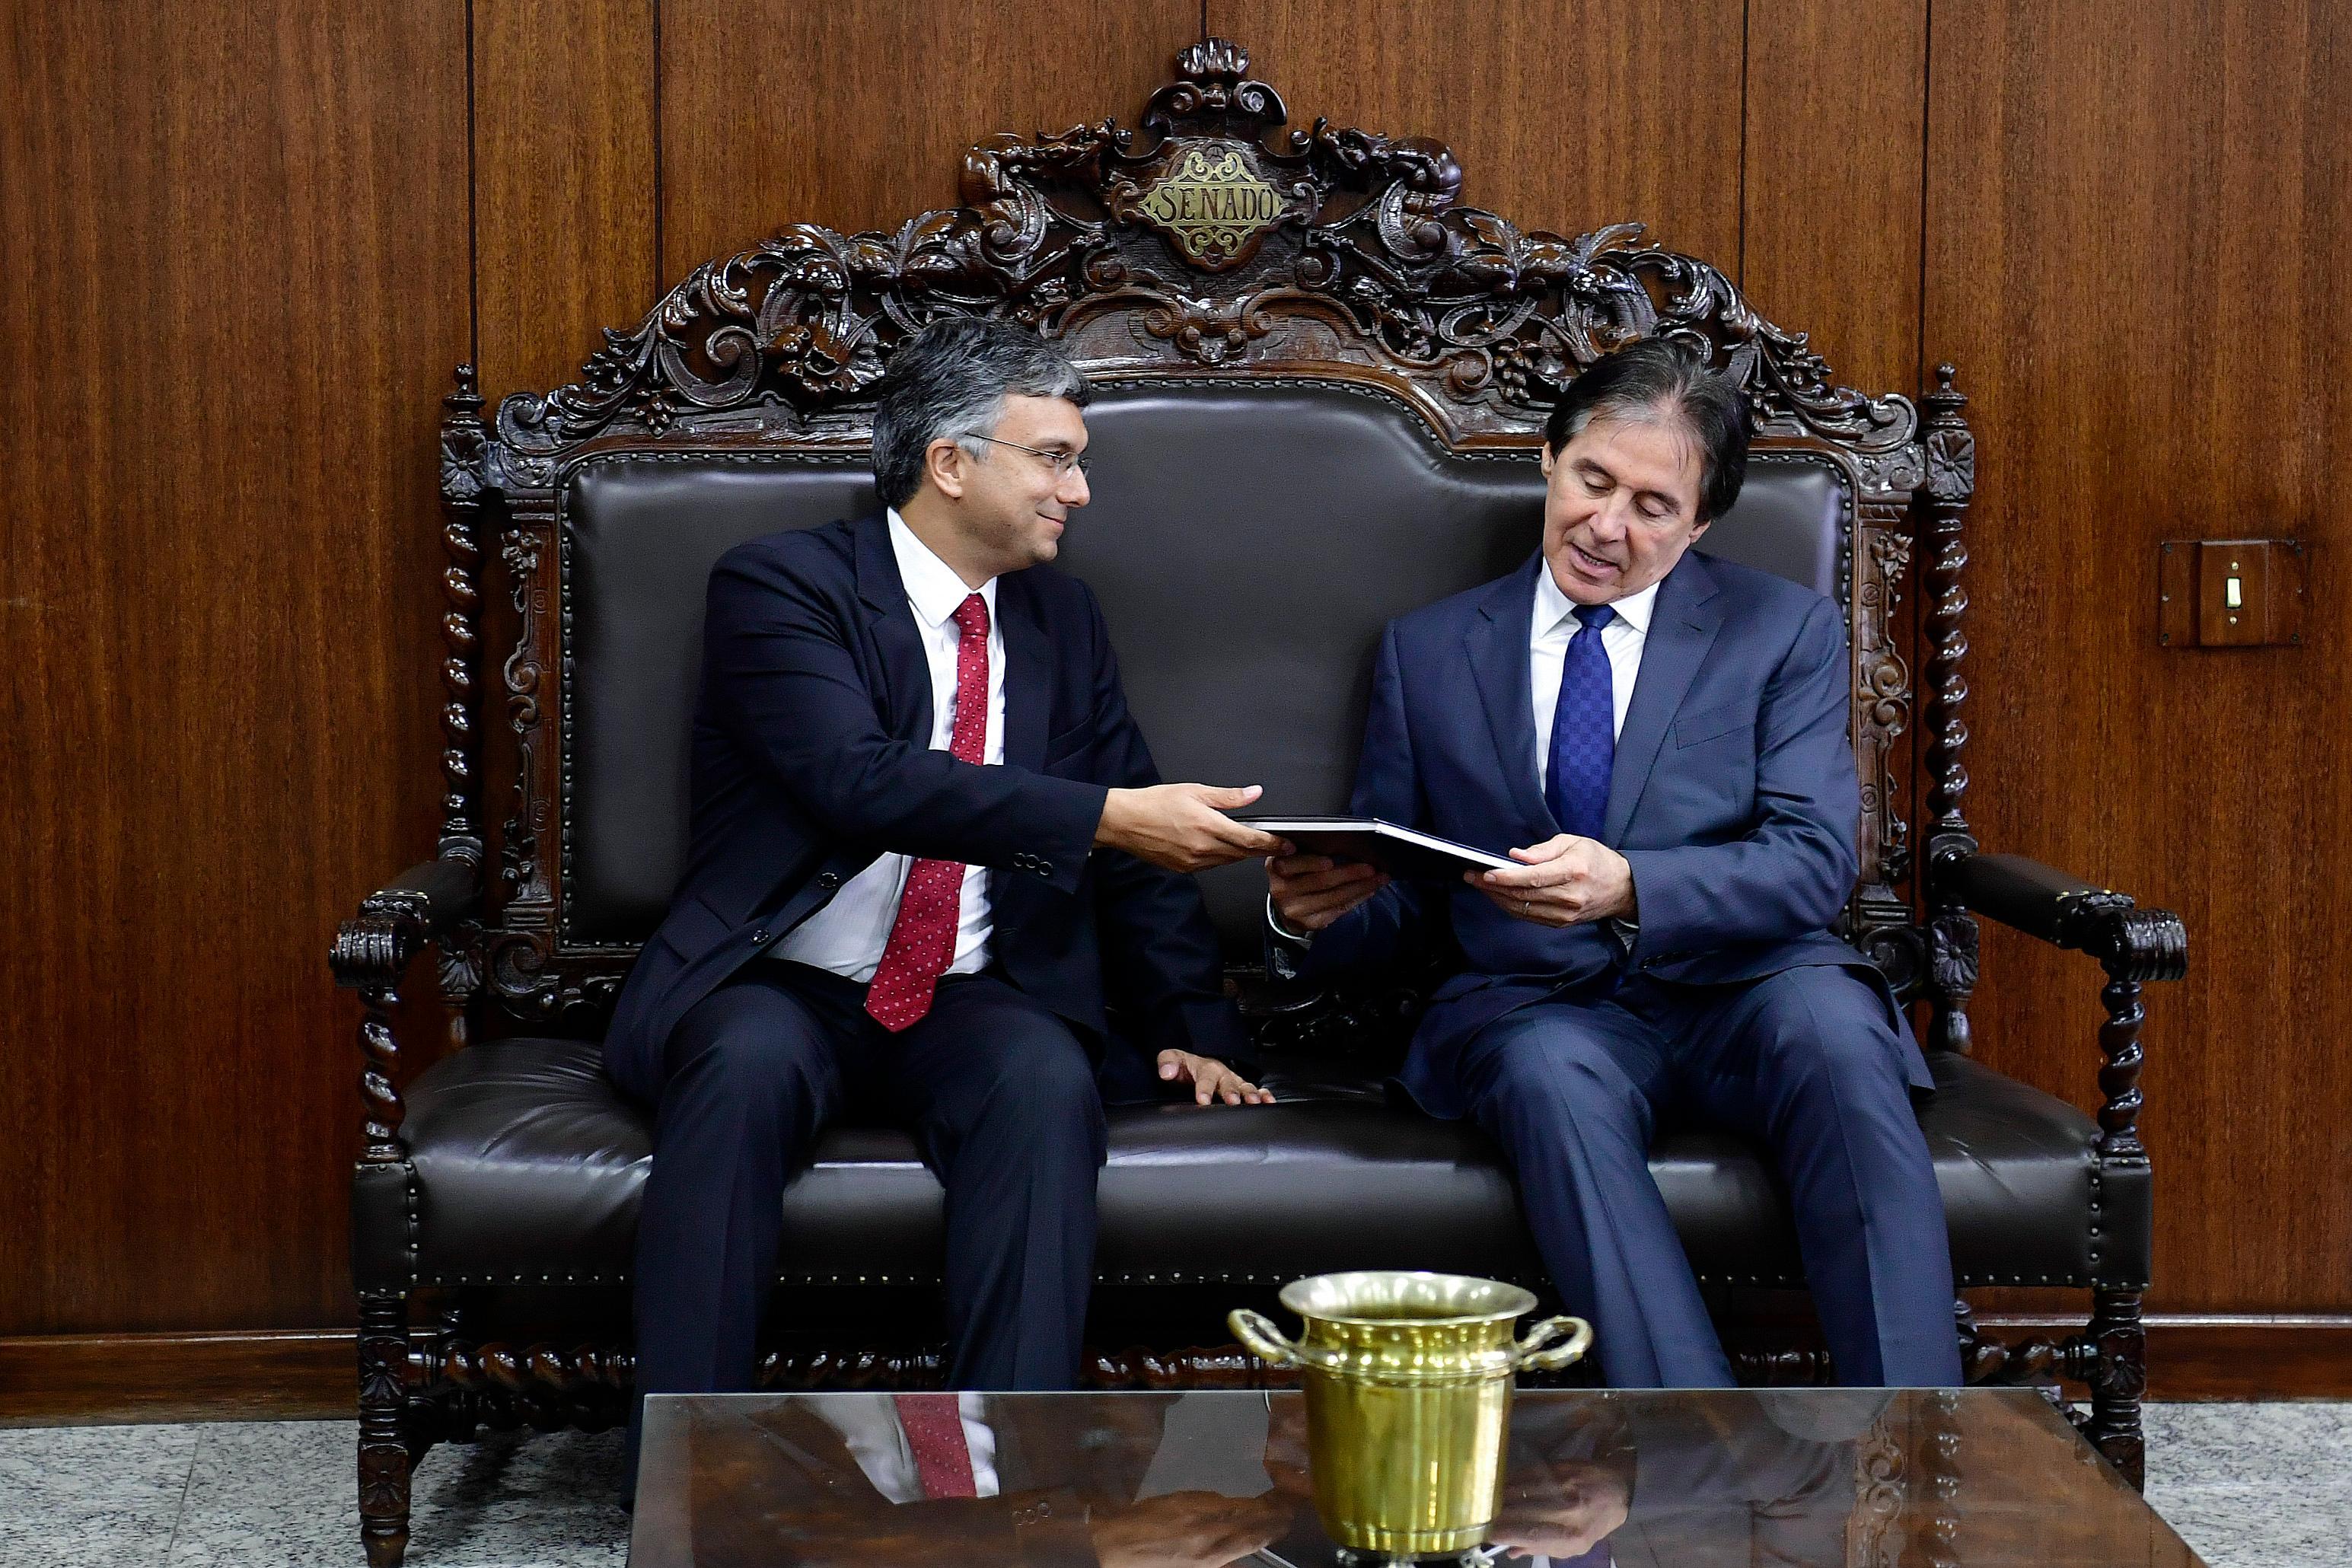 Presidente do Senado Federal, senador Eunício Oliveira (MDB-CE), recebe ministro de Estado do Planejamento, Desenvolvimento e Gestão, Esteves Colnago.